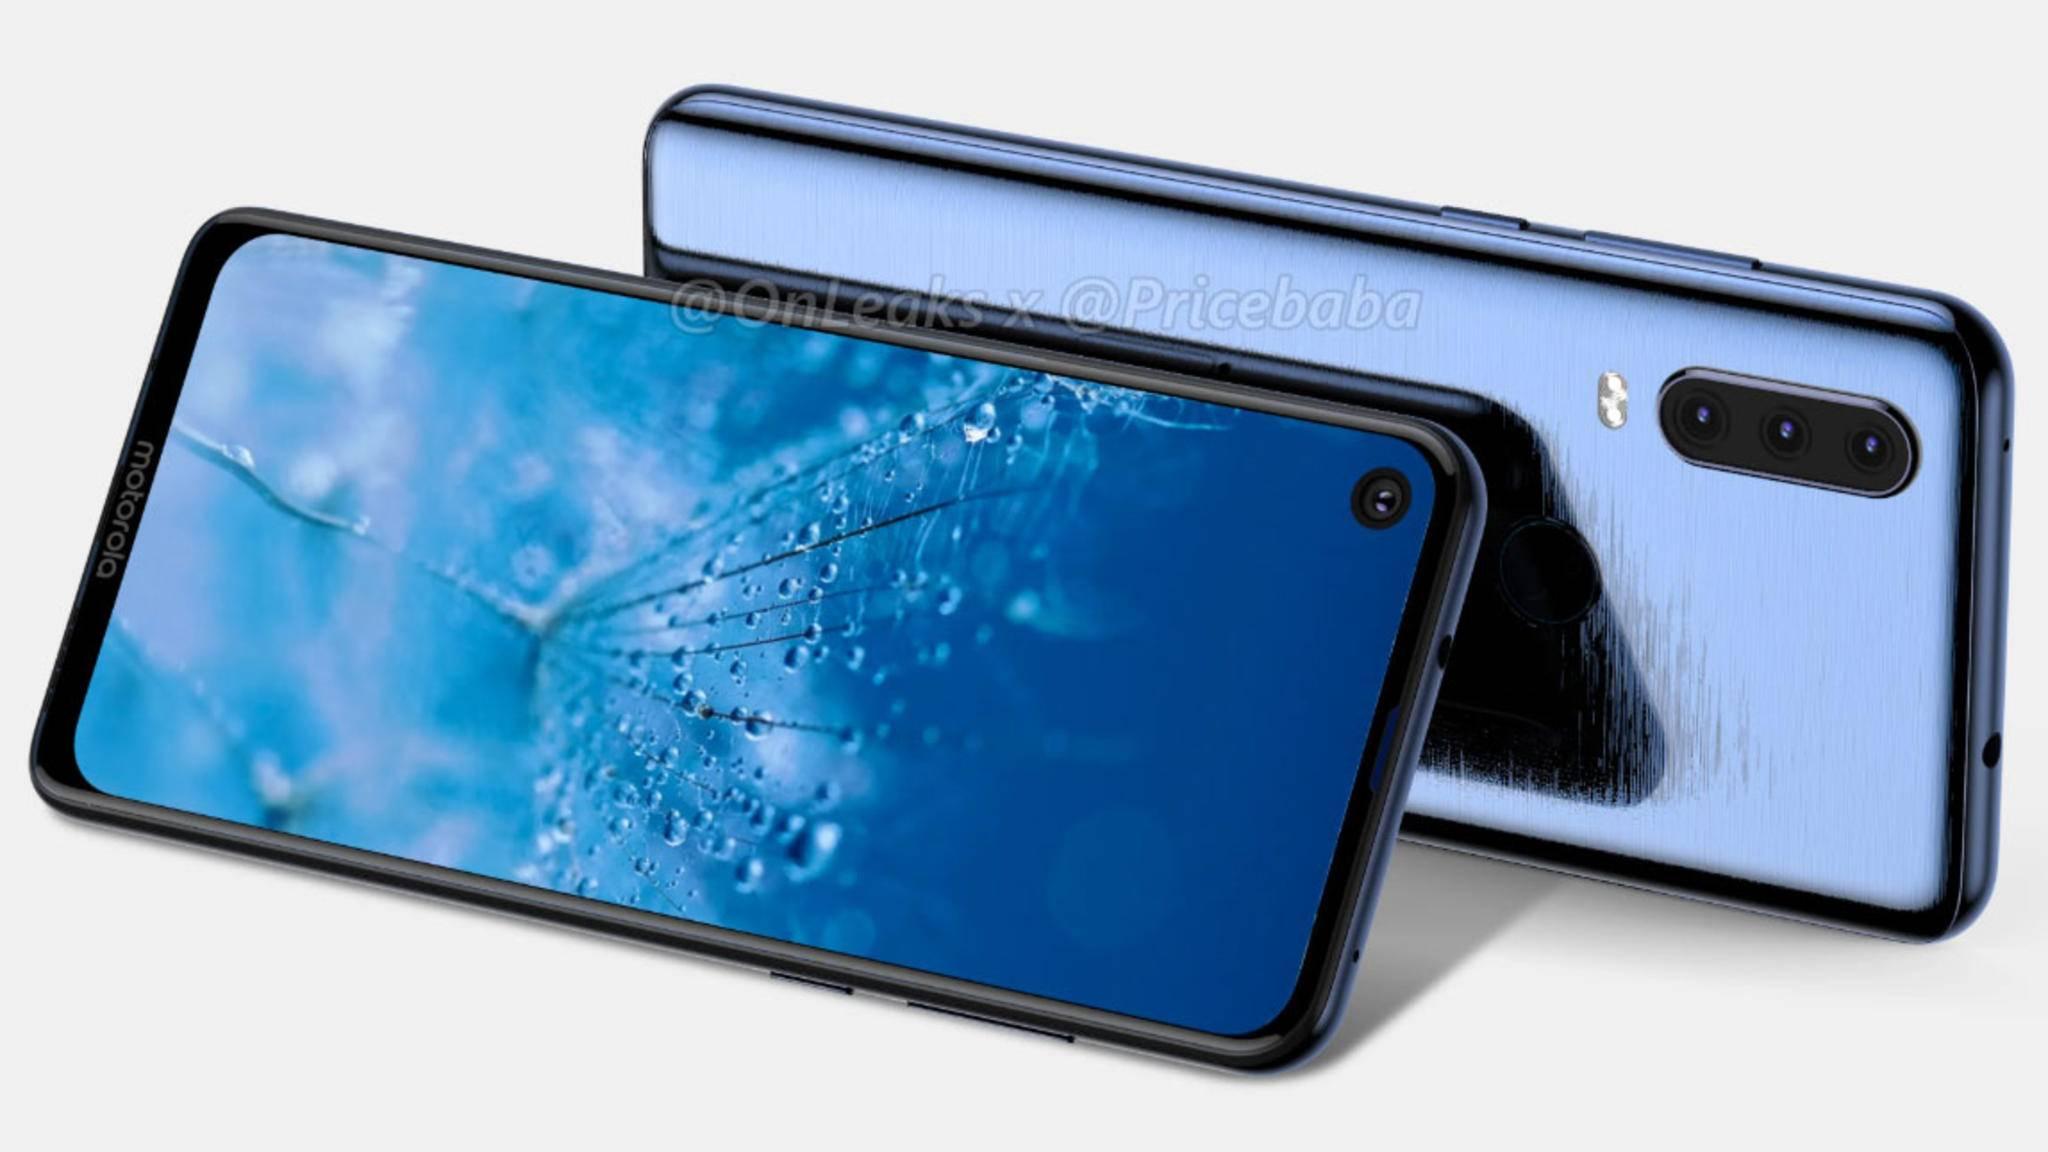 Das Motorola One Vision Plus könnte das erste Moto-Smartphone mit Triple-Kamera werden.